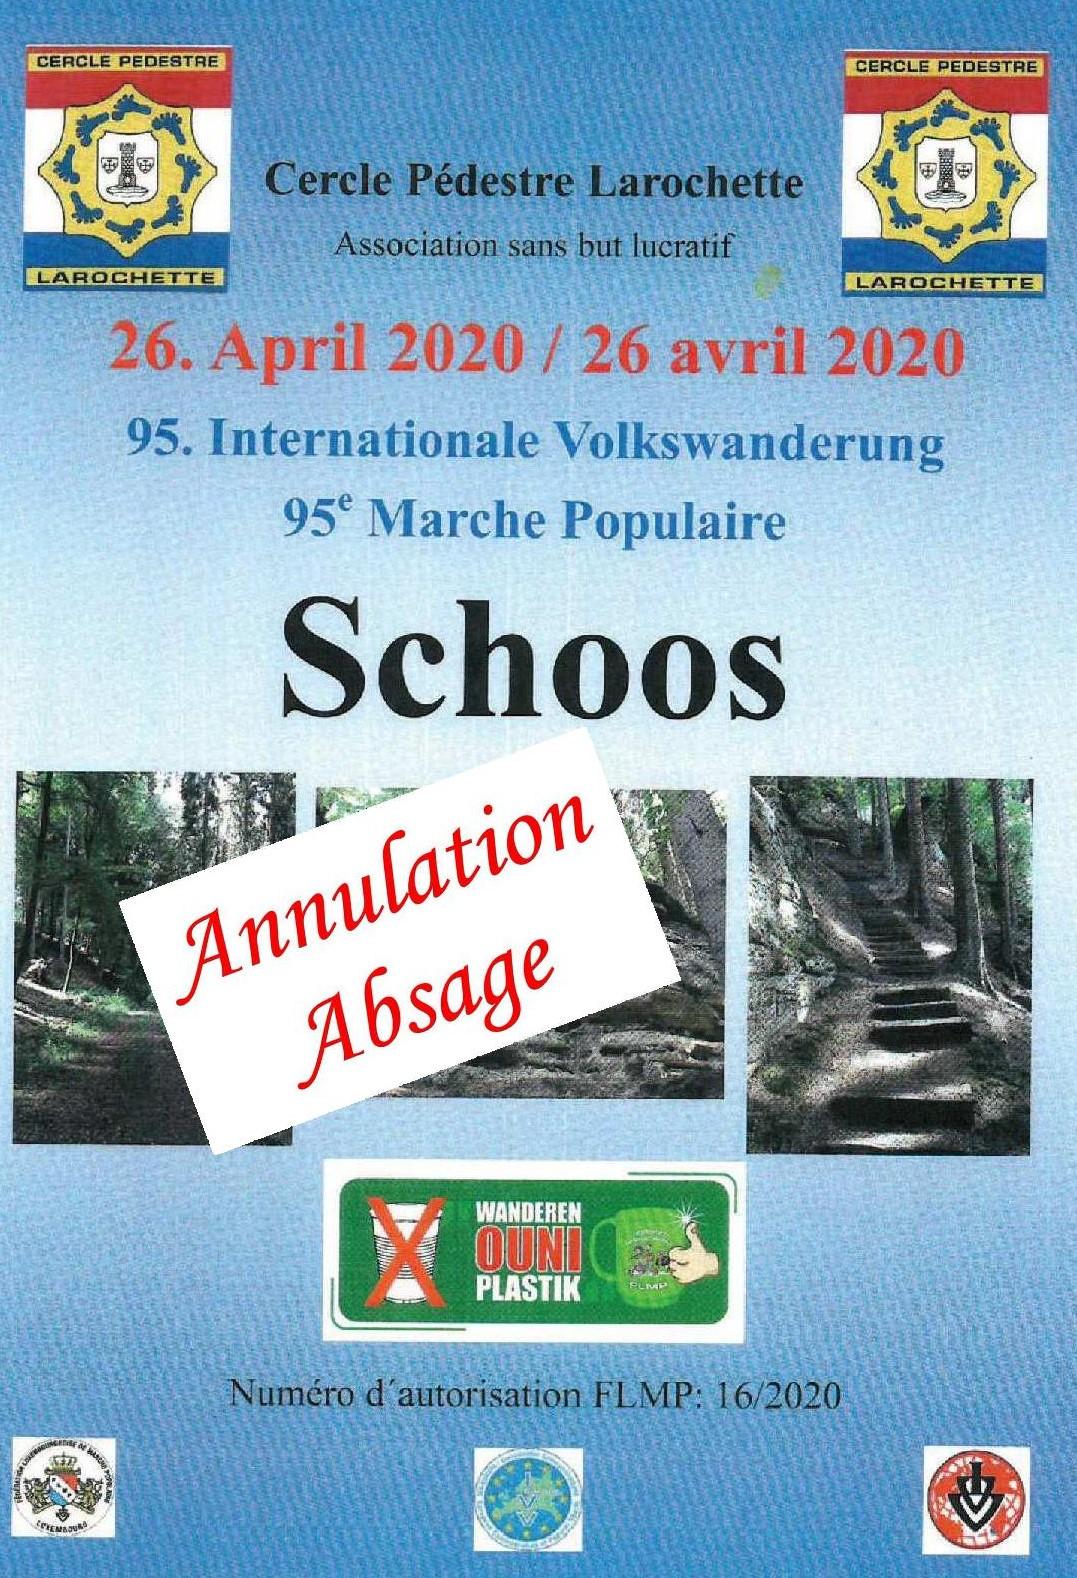 ANNULATION/ABSAGE SCHOOS FLMP IVV WANDERUNG